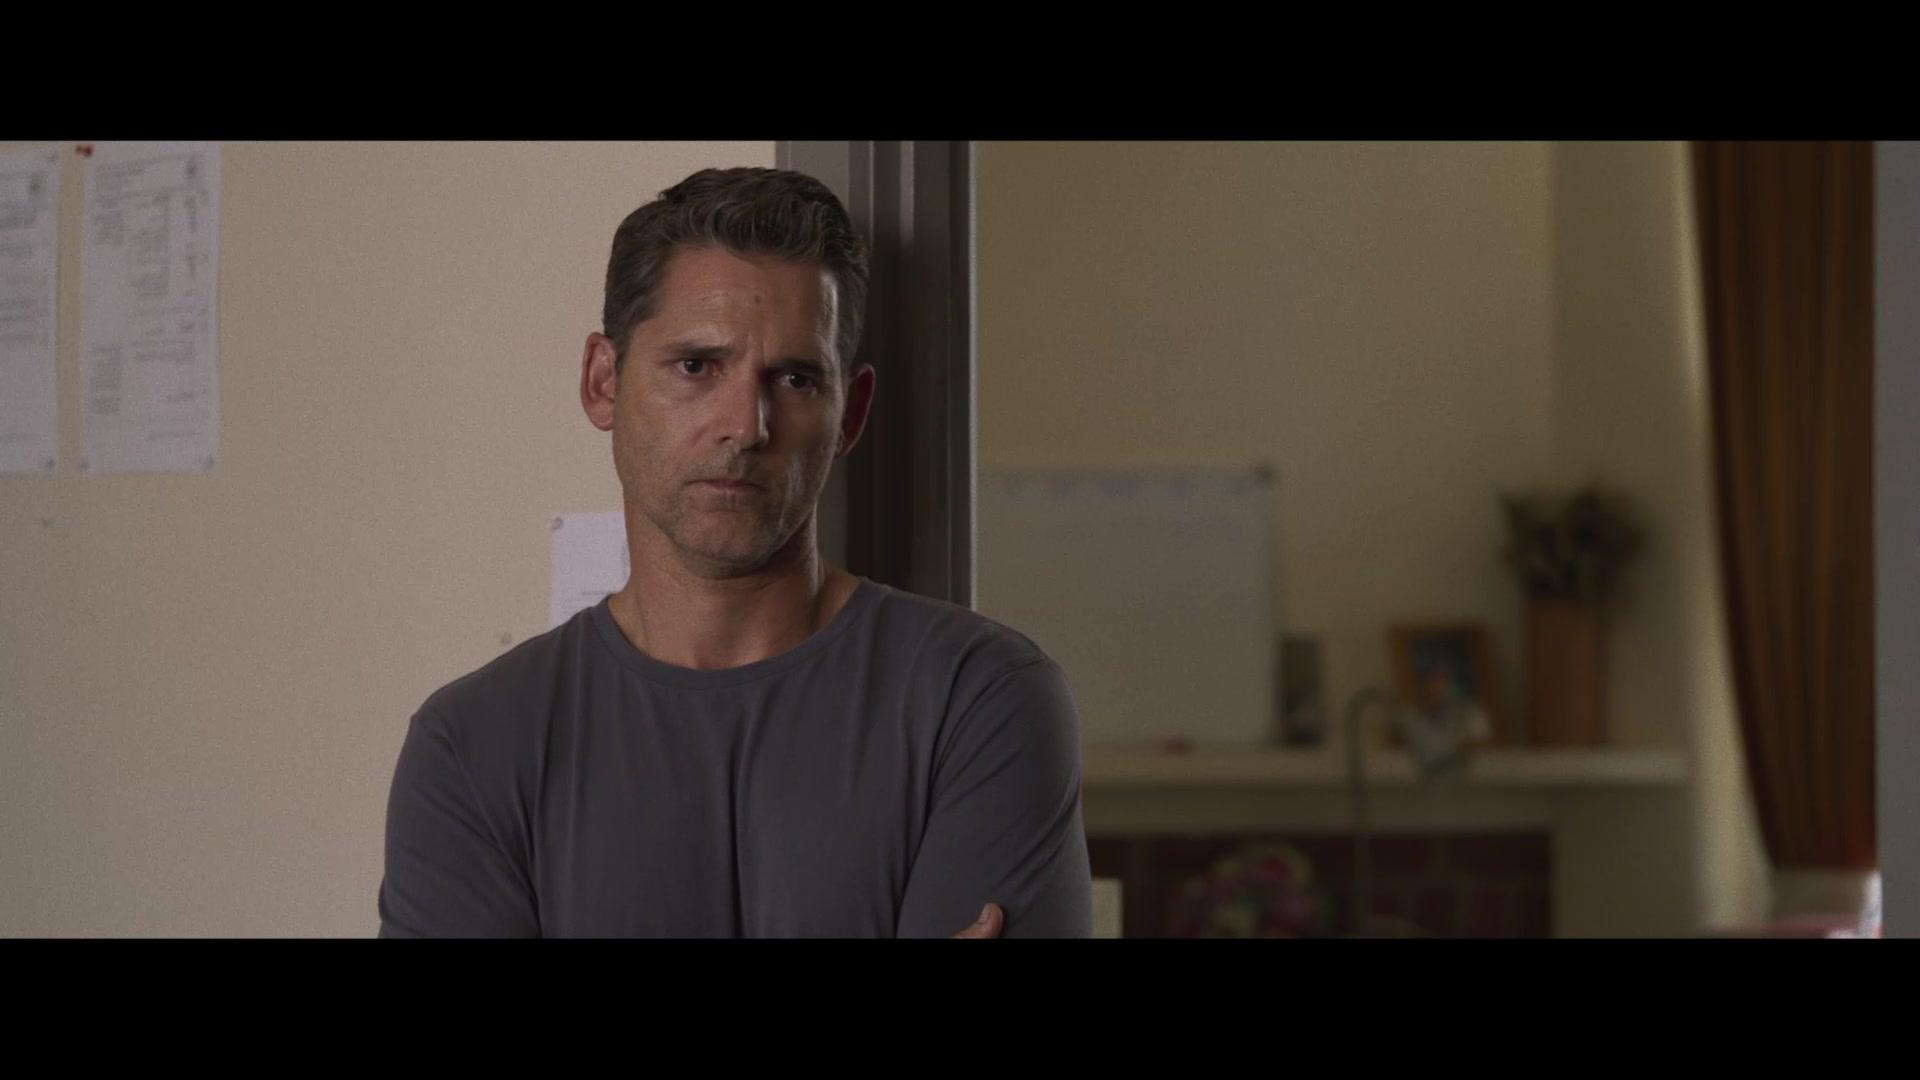 Новый трейлер фильма «Город тайн» – Трейлер №3 (дублированный) 02:21 FullHD